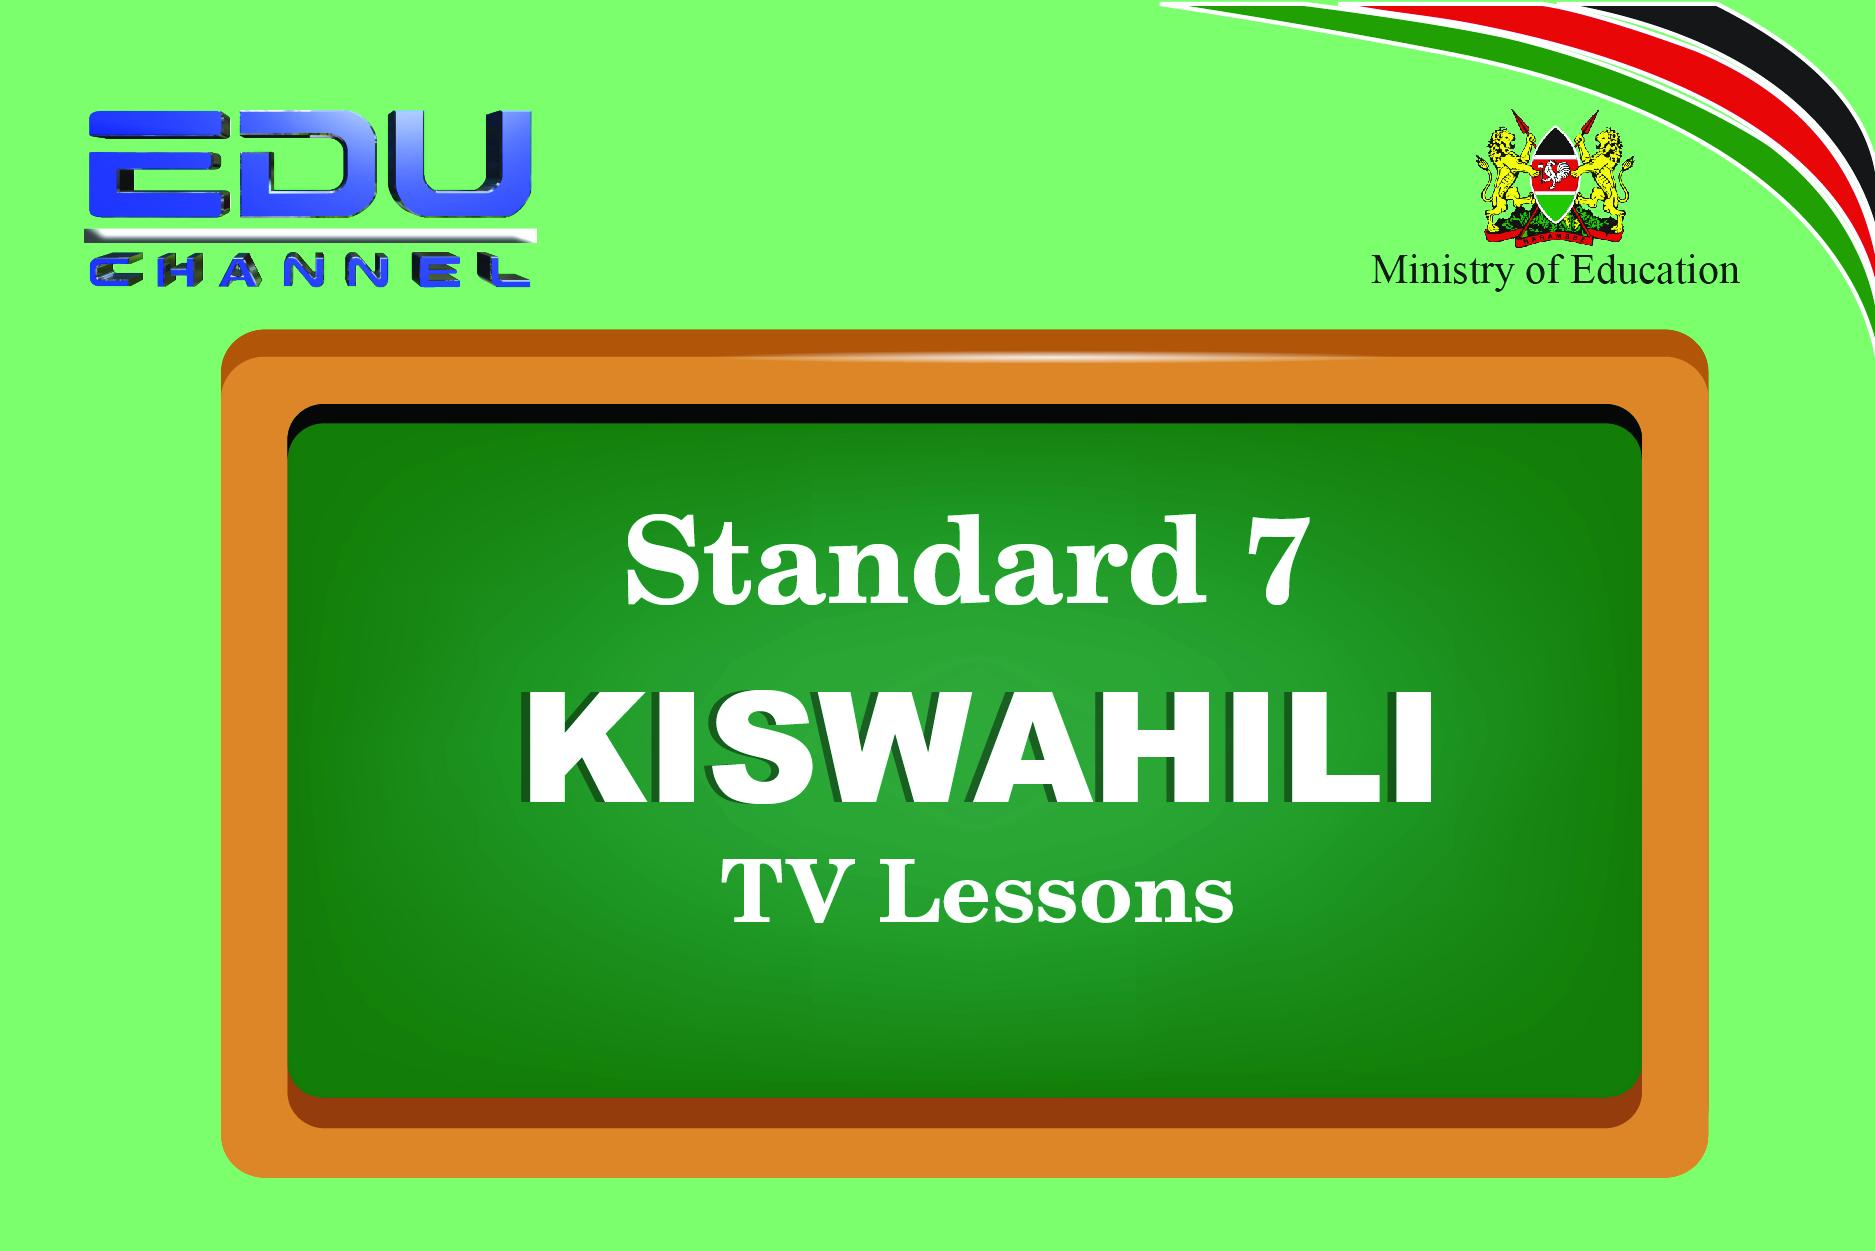 Standard 7 Kiswahili Lesson 3: Kusikiliza na Kuzungumza